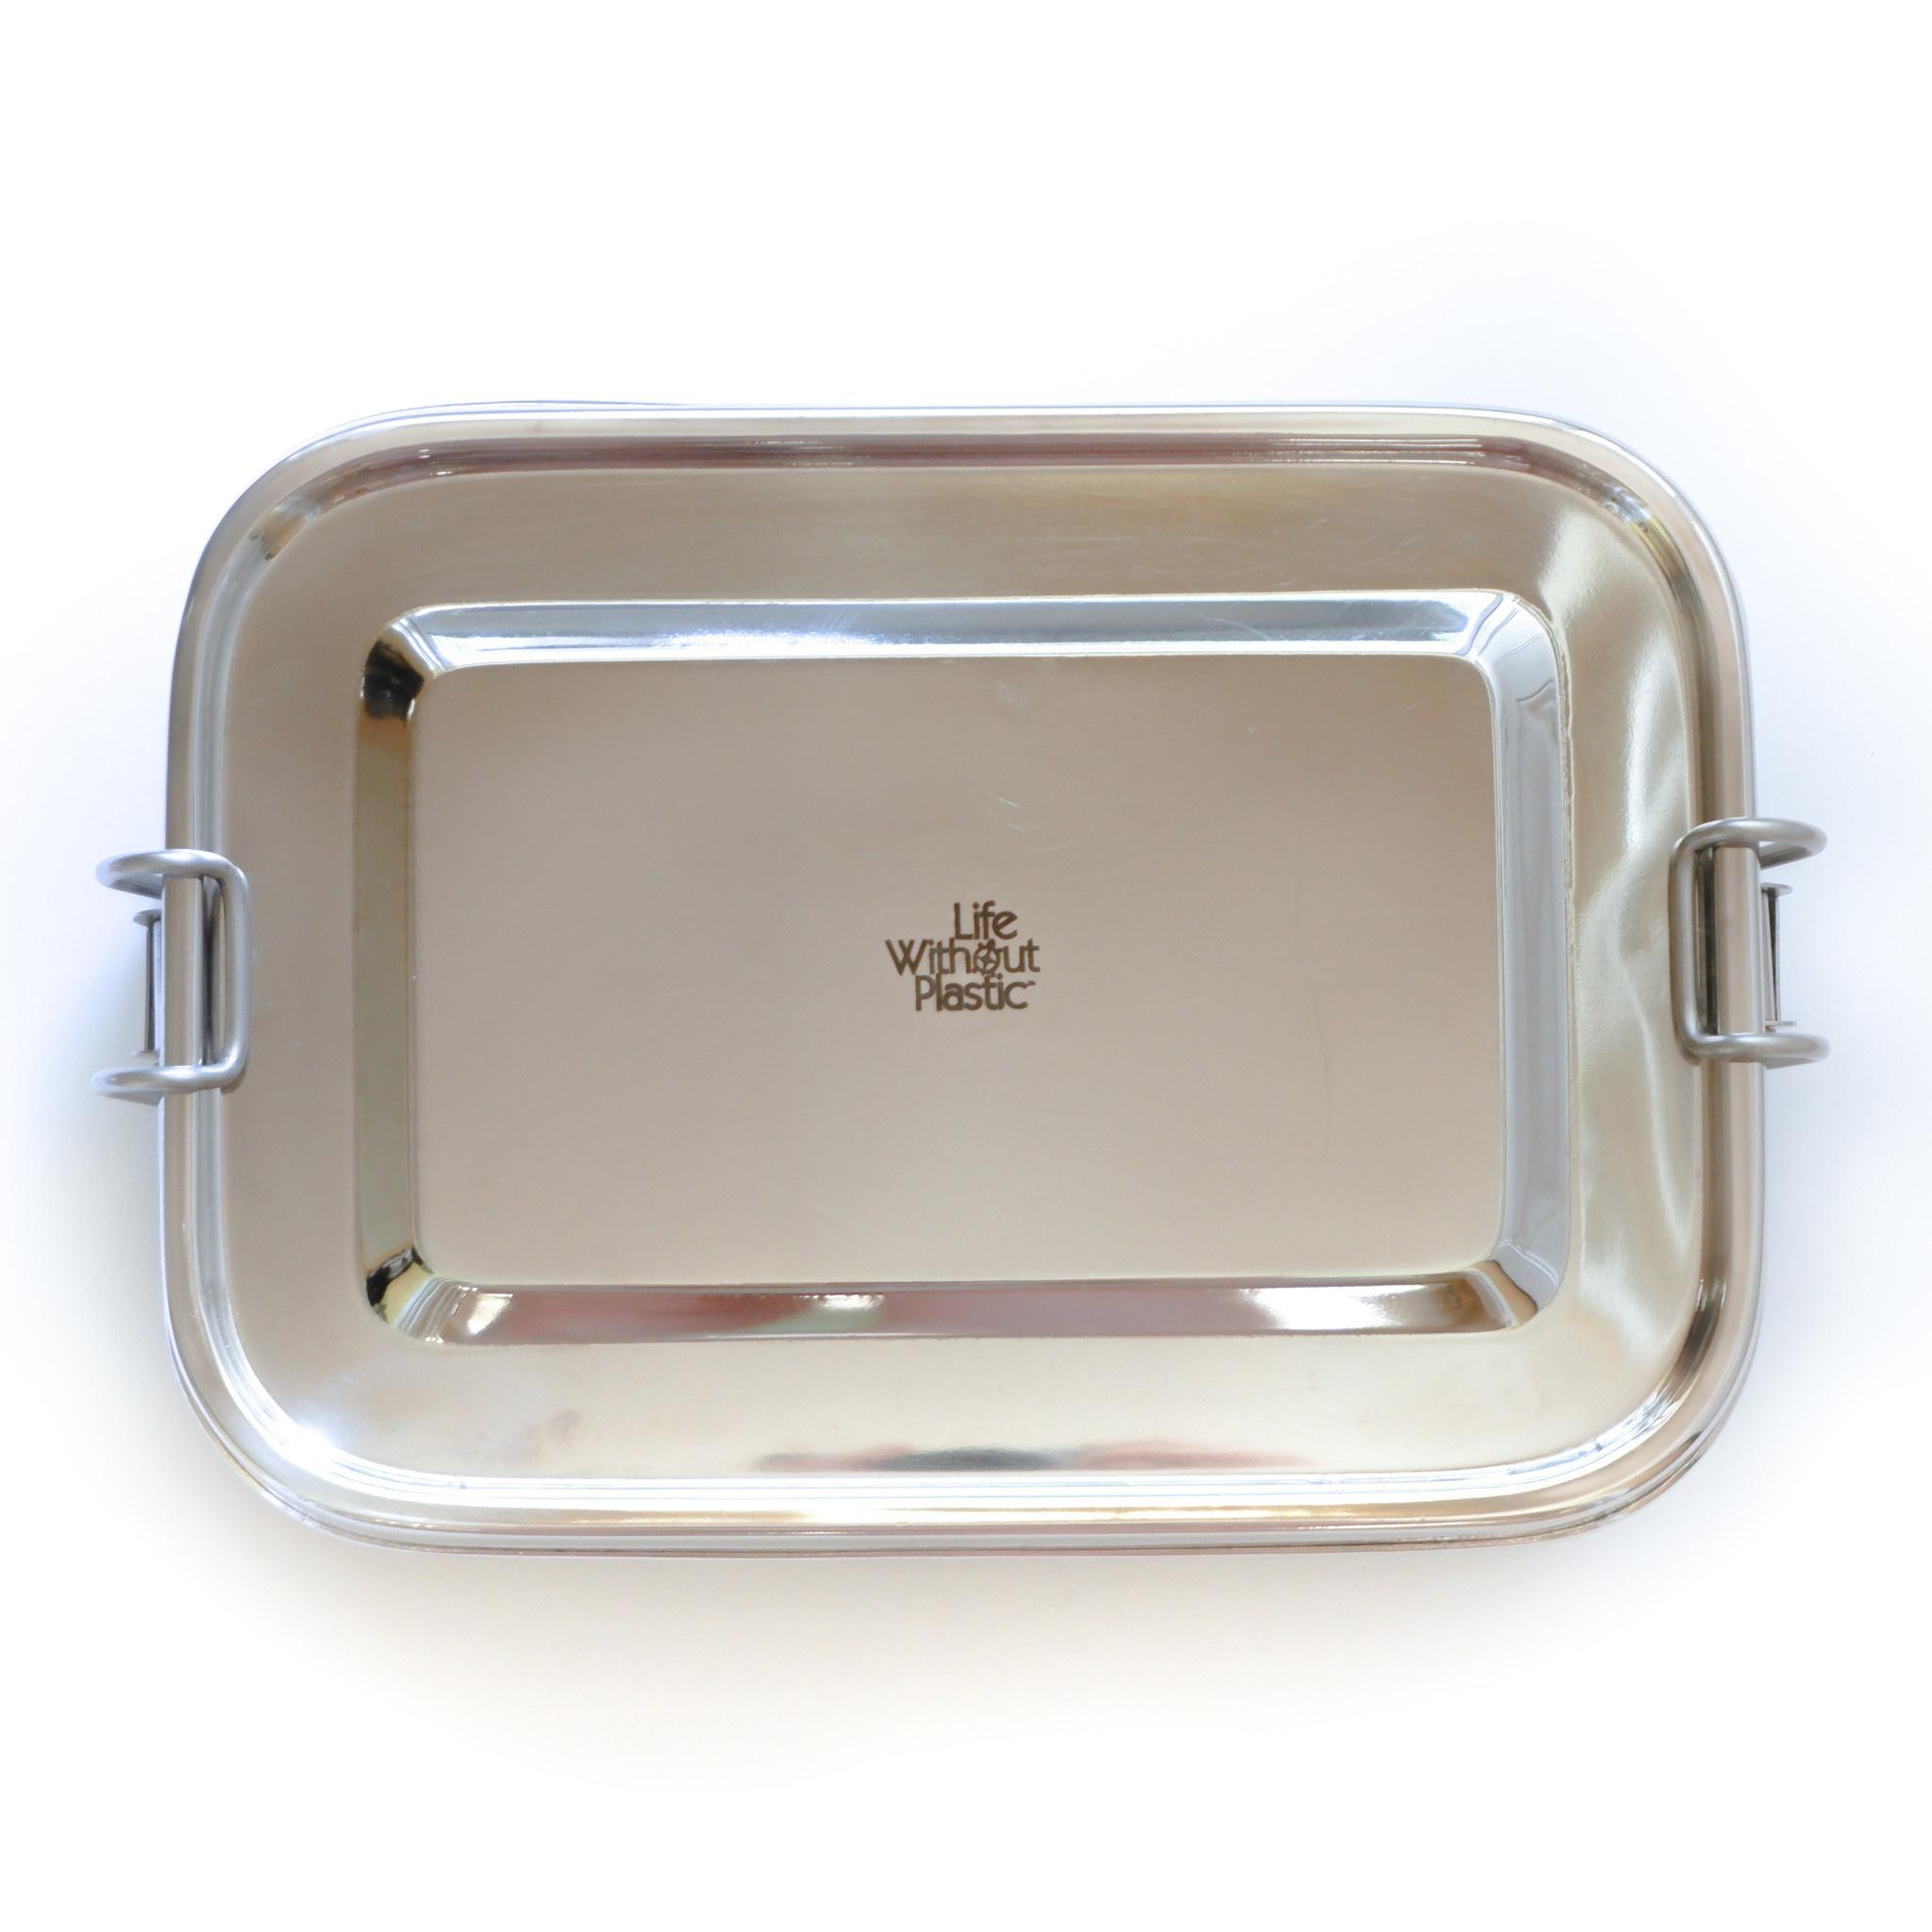 Récipient d'entreposage alimentaire hermétique rectangulaire en acier inoxydable - 1,6 L